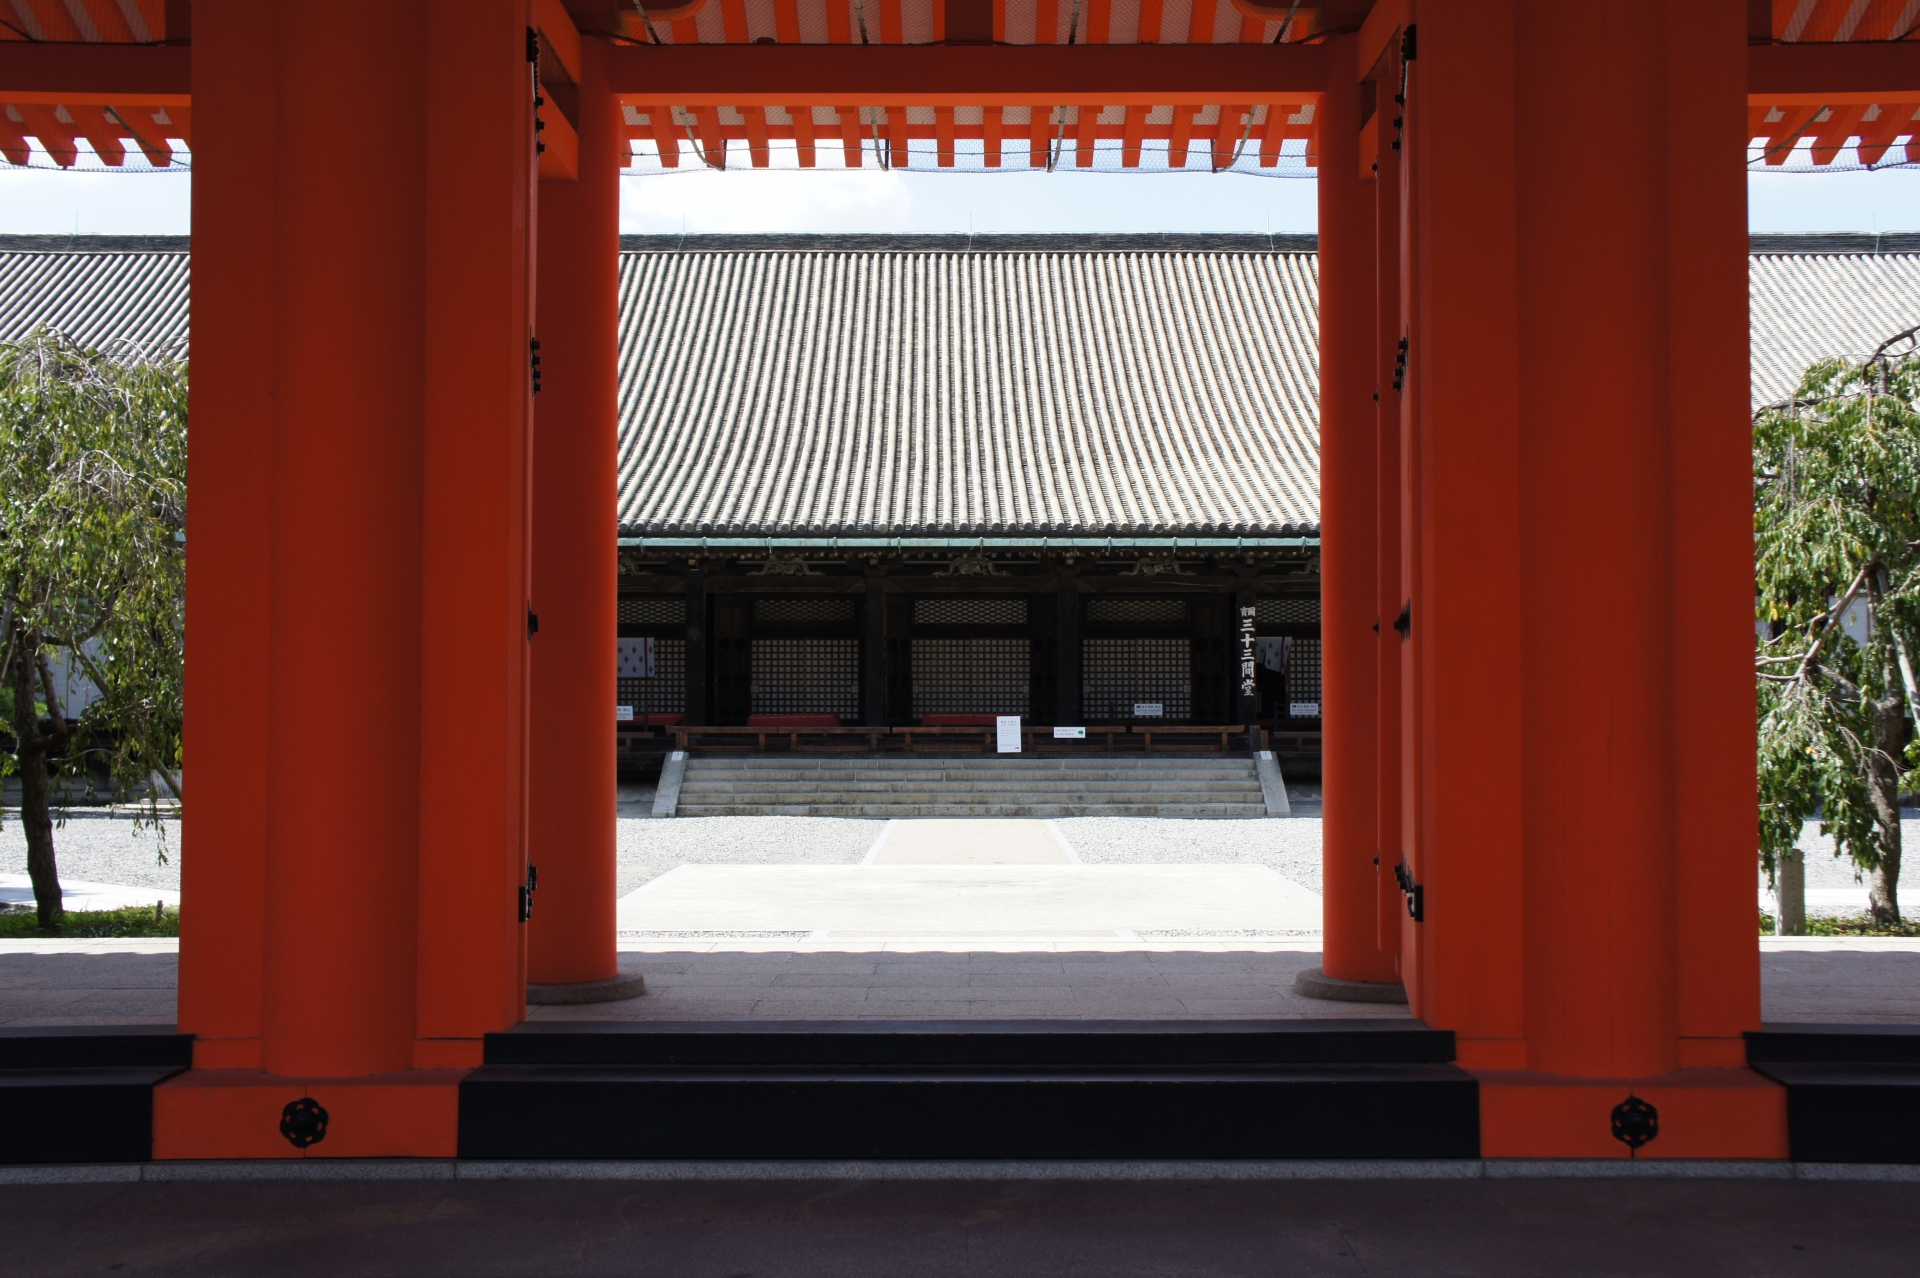 蓮華王院「三十三間堂」